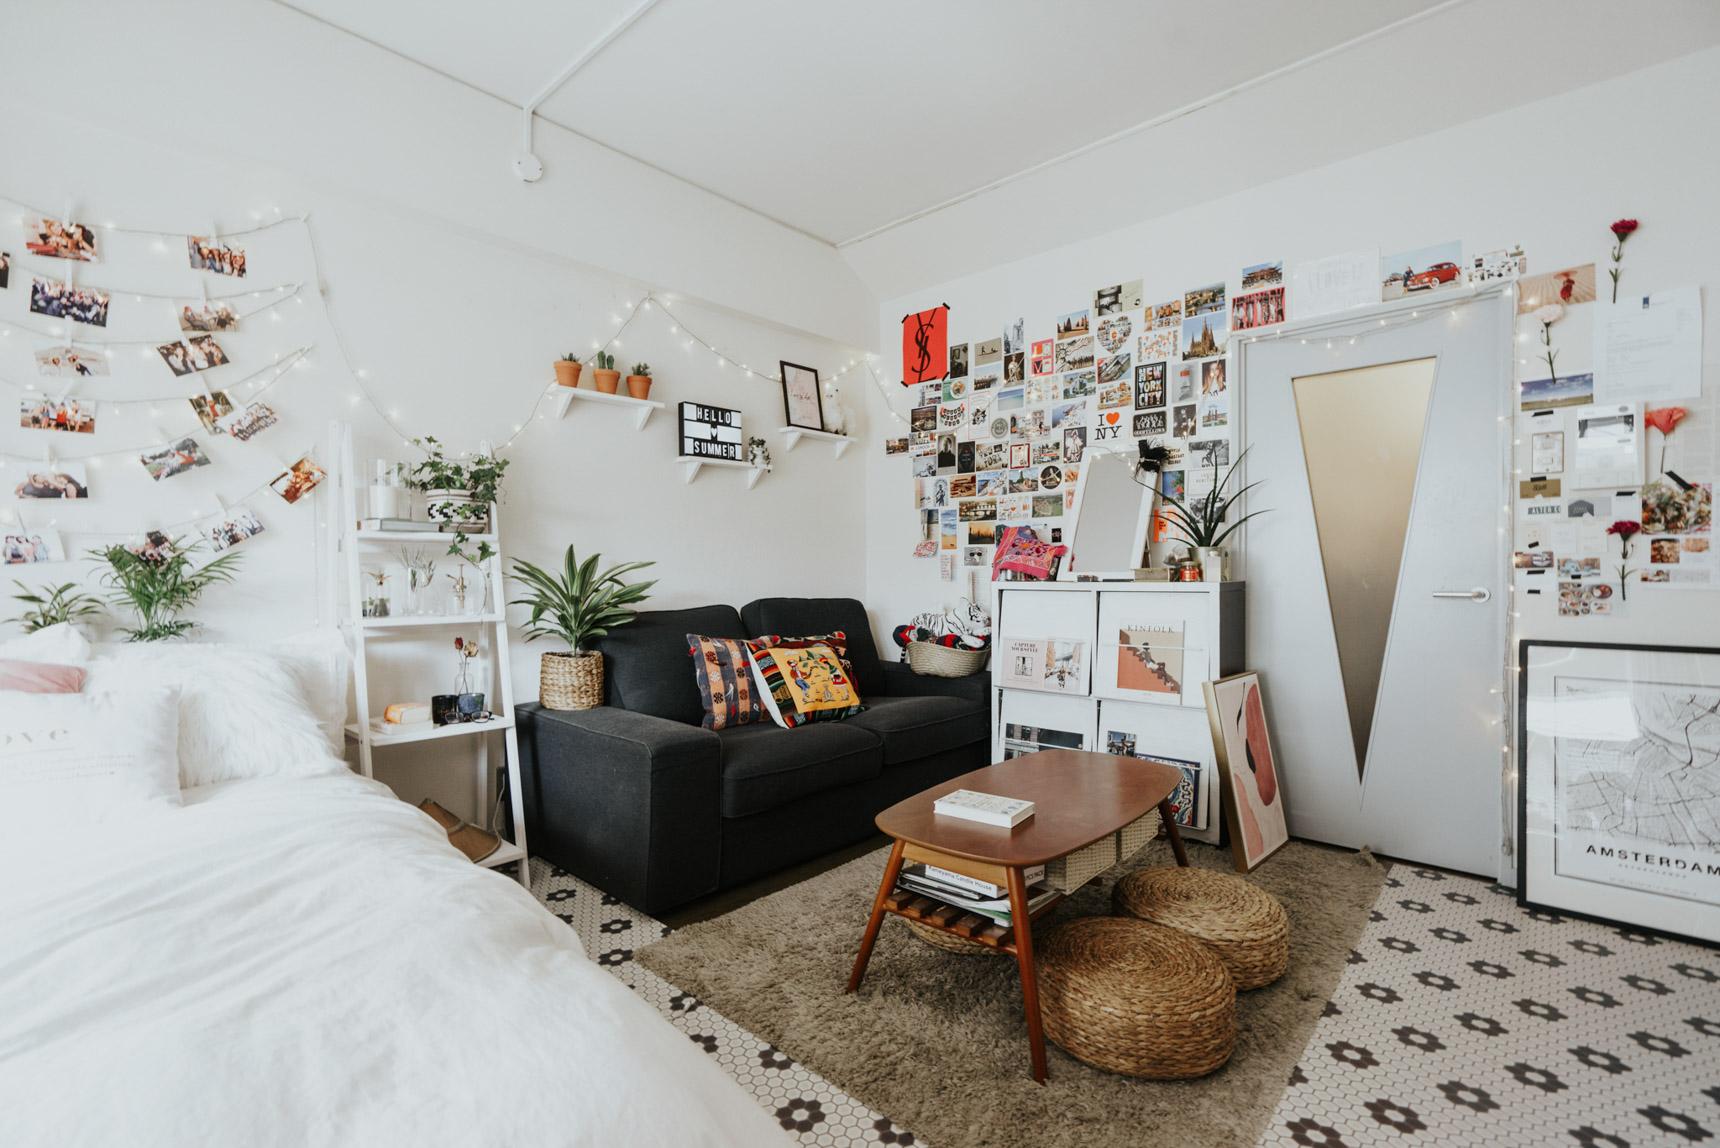 壁に楽しく貼ってある写真やポストカードは、旅行に行った時のもの。海外のお土産のクッションカバーや布など、カラフルな雑貨も、全体を白に整えたことで、空間から浮かずに良いアクセントになっていますよね。